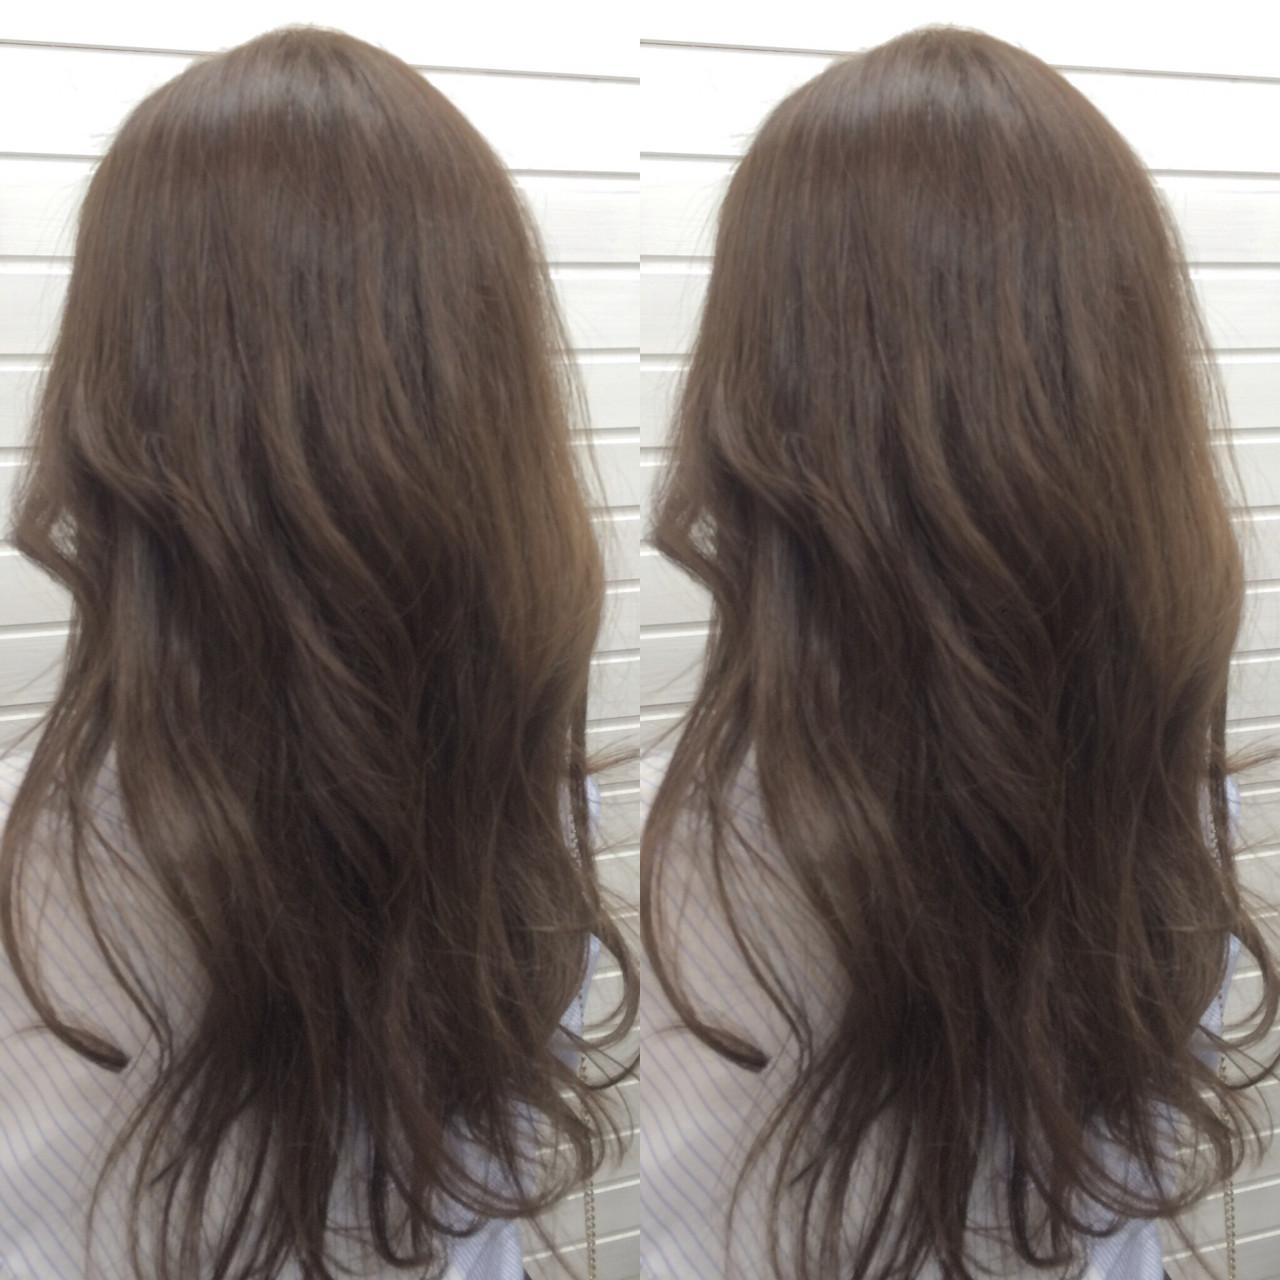 ナチュラル ハイライト 暗髪 グレージュ ヘアスタイルや髪型の写真・画像